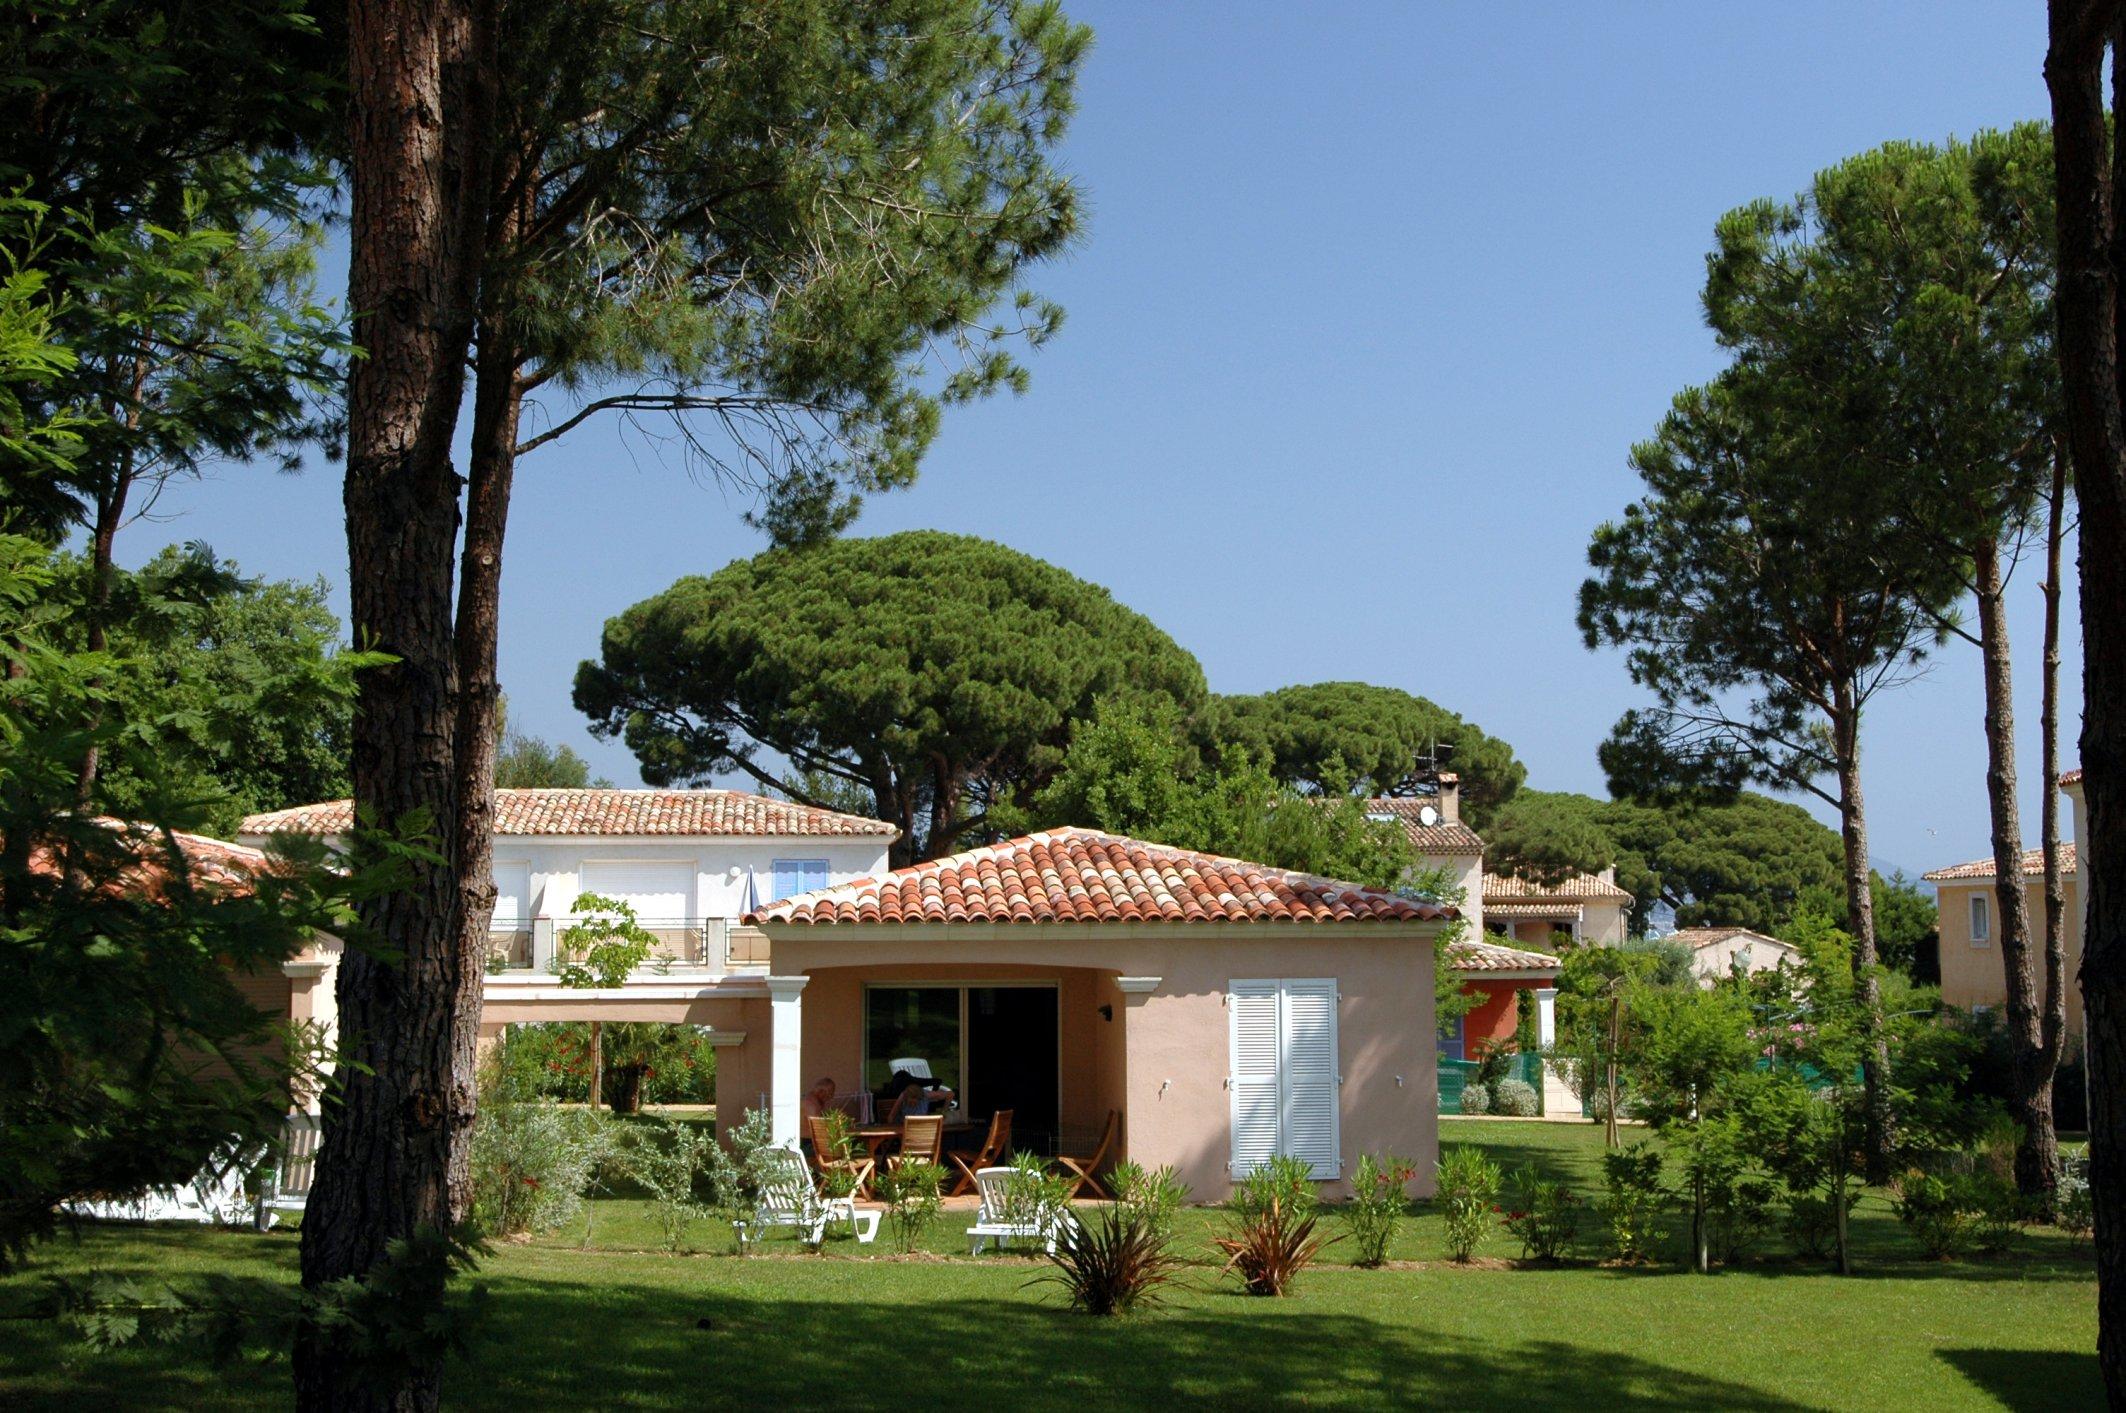 Ferienwohnung Gassin/St. Tropez 2p5 Le Clos (1063856), Gassin, Côte d'Azur, Provence - Alpen - Côte d'Azur, Frankreich, Bild 2